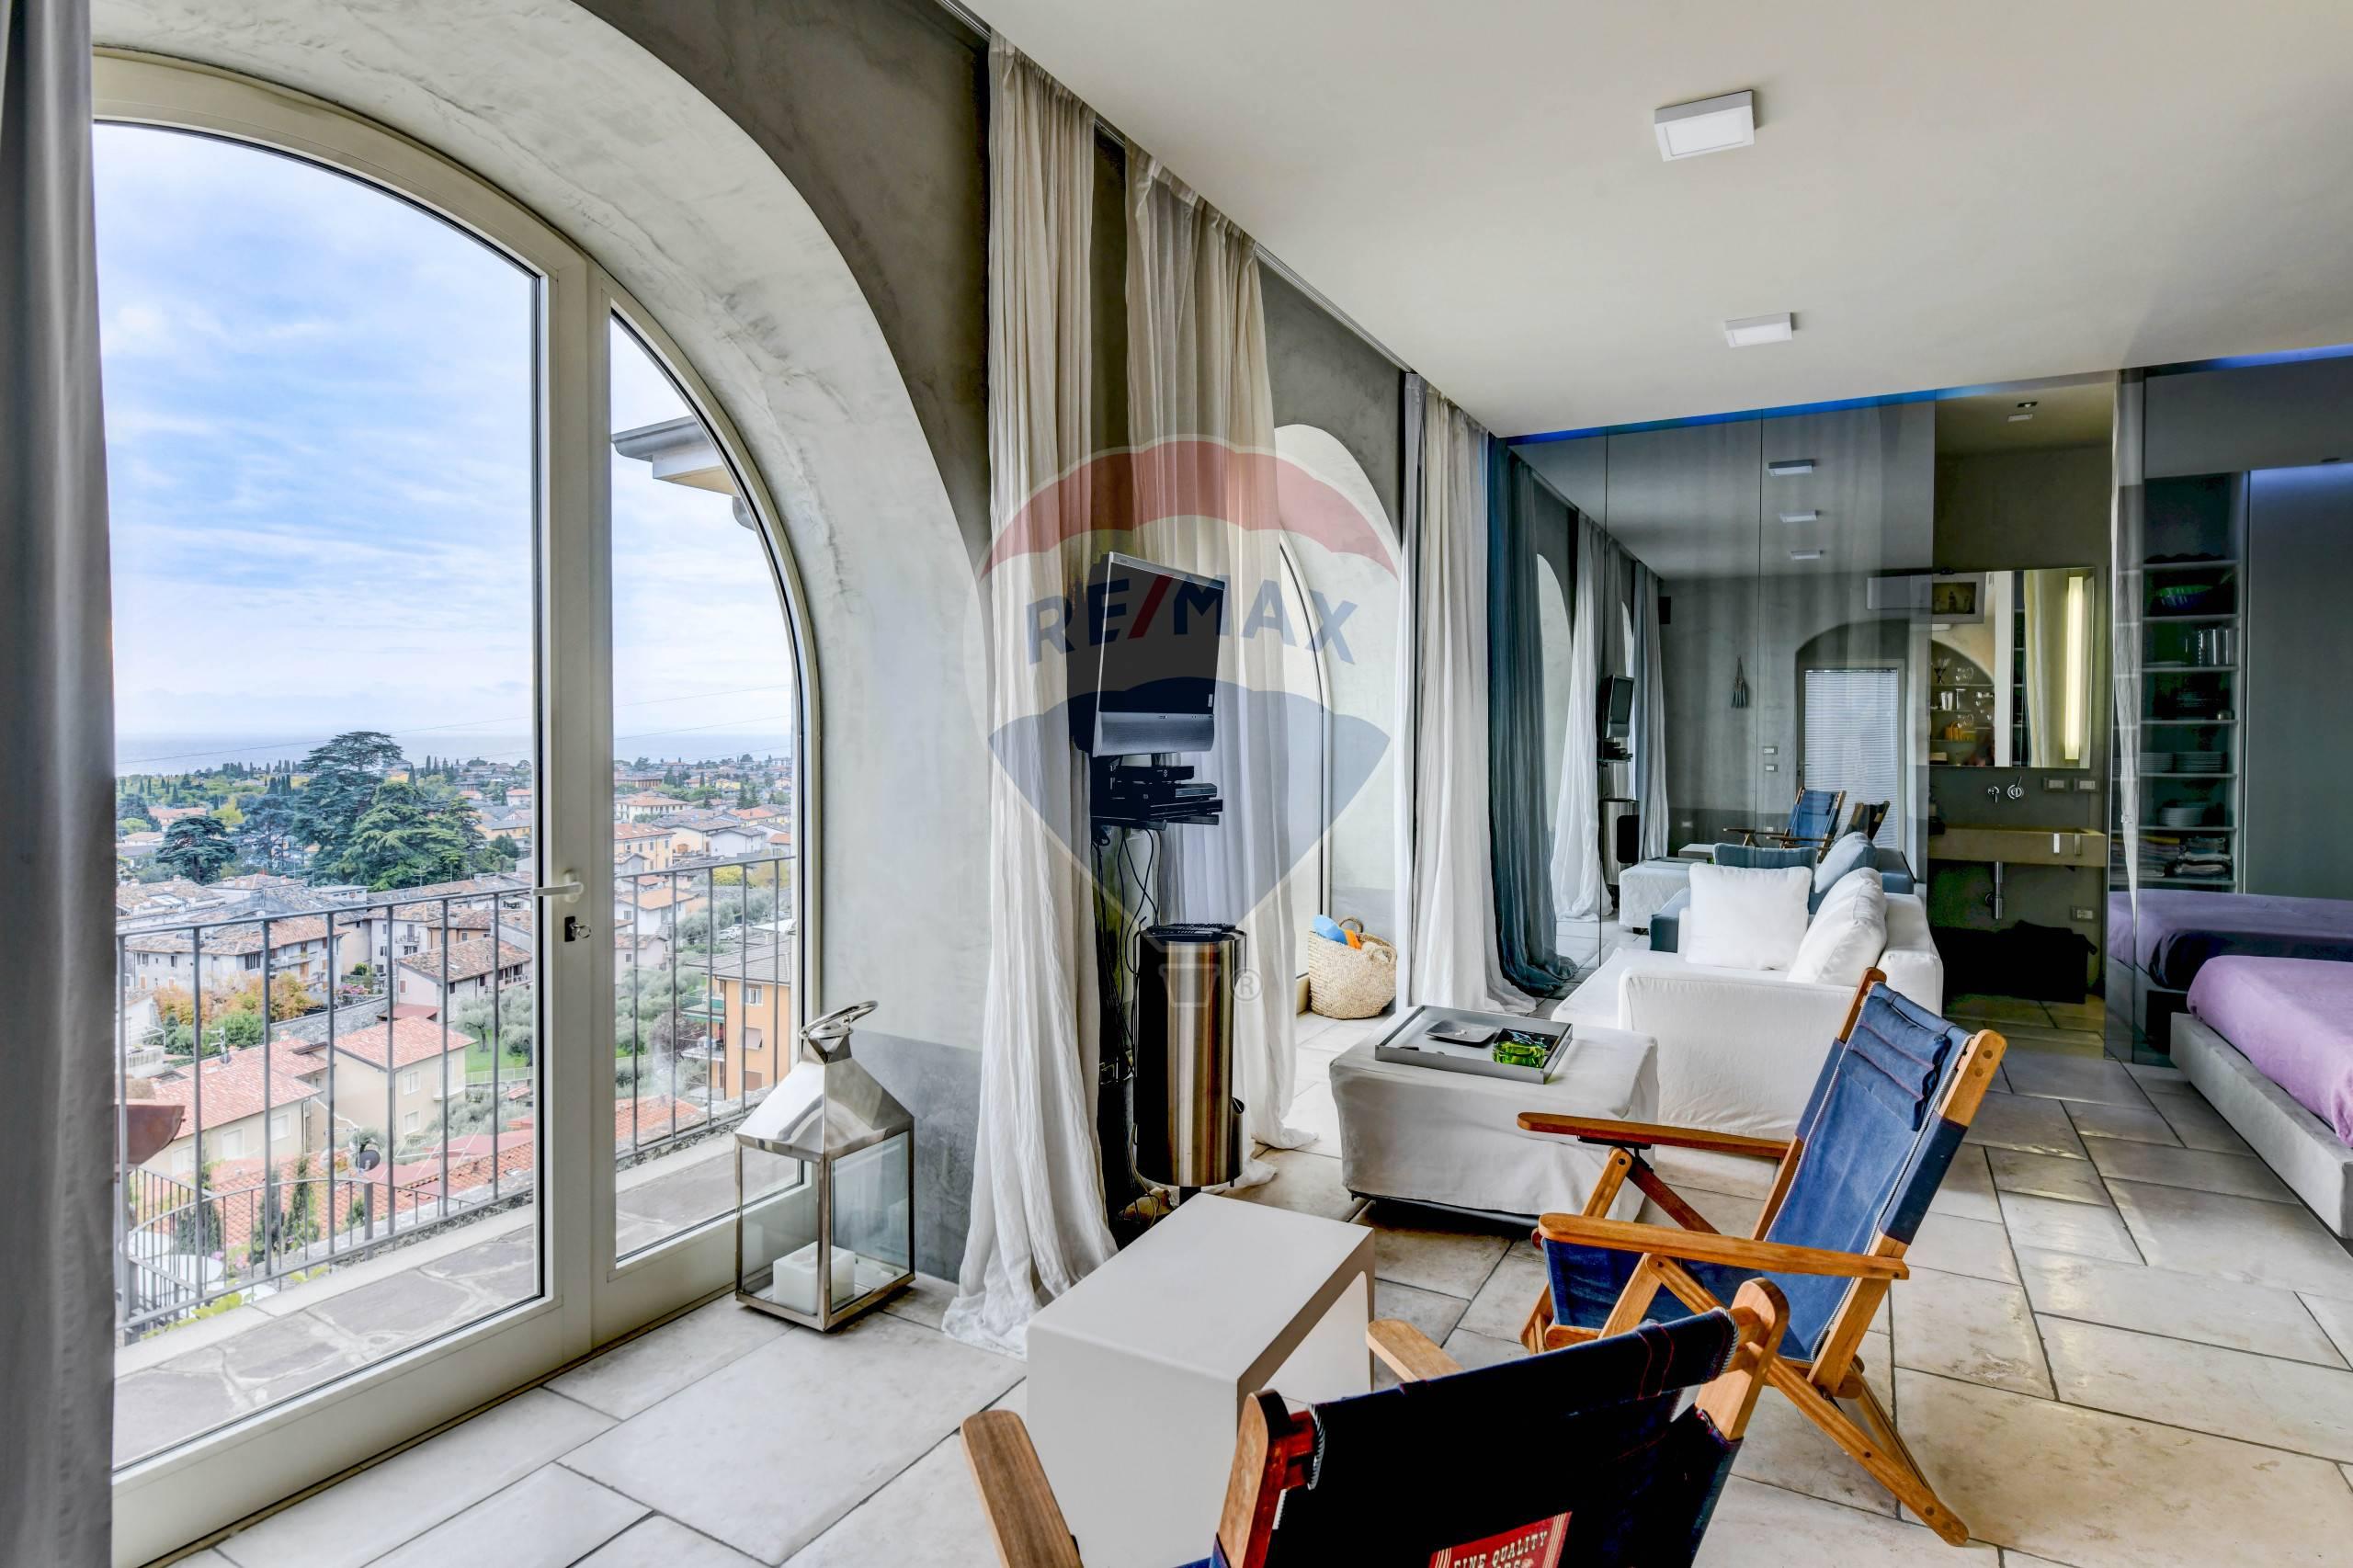 Appartamento in vendita a Toscolano-Maderno, 2 locali, prezzo € 260.000 | CambioCasa.it